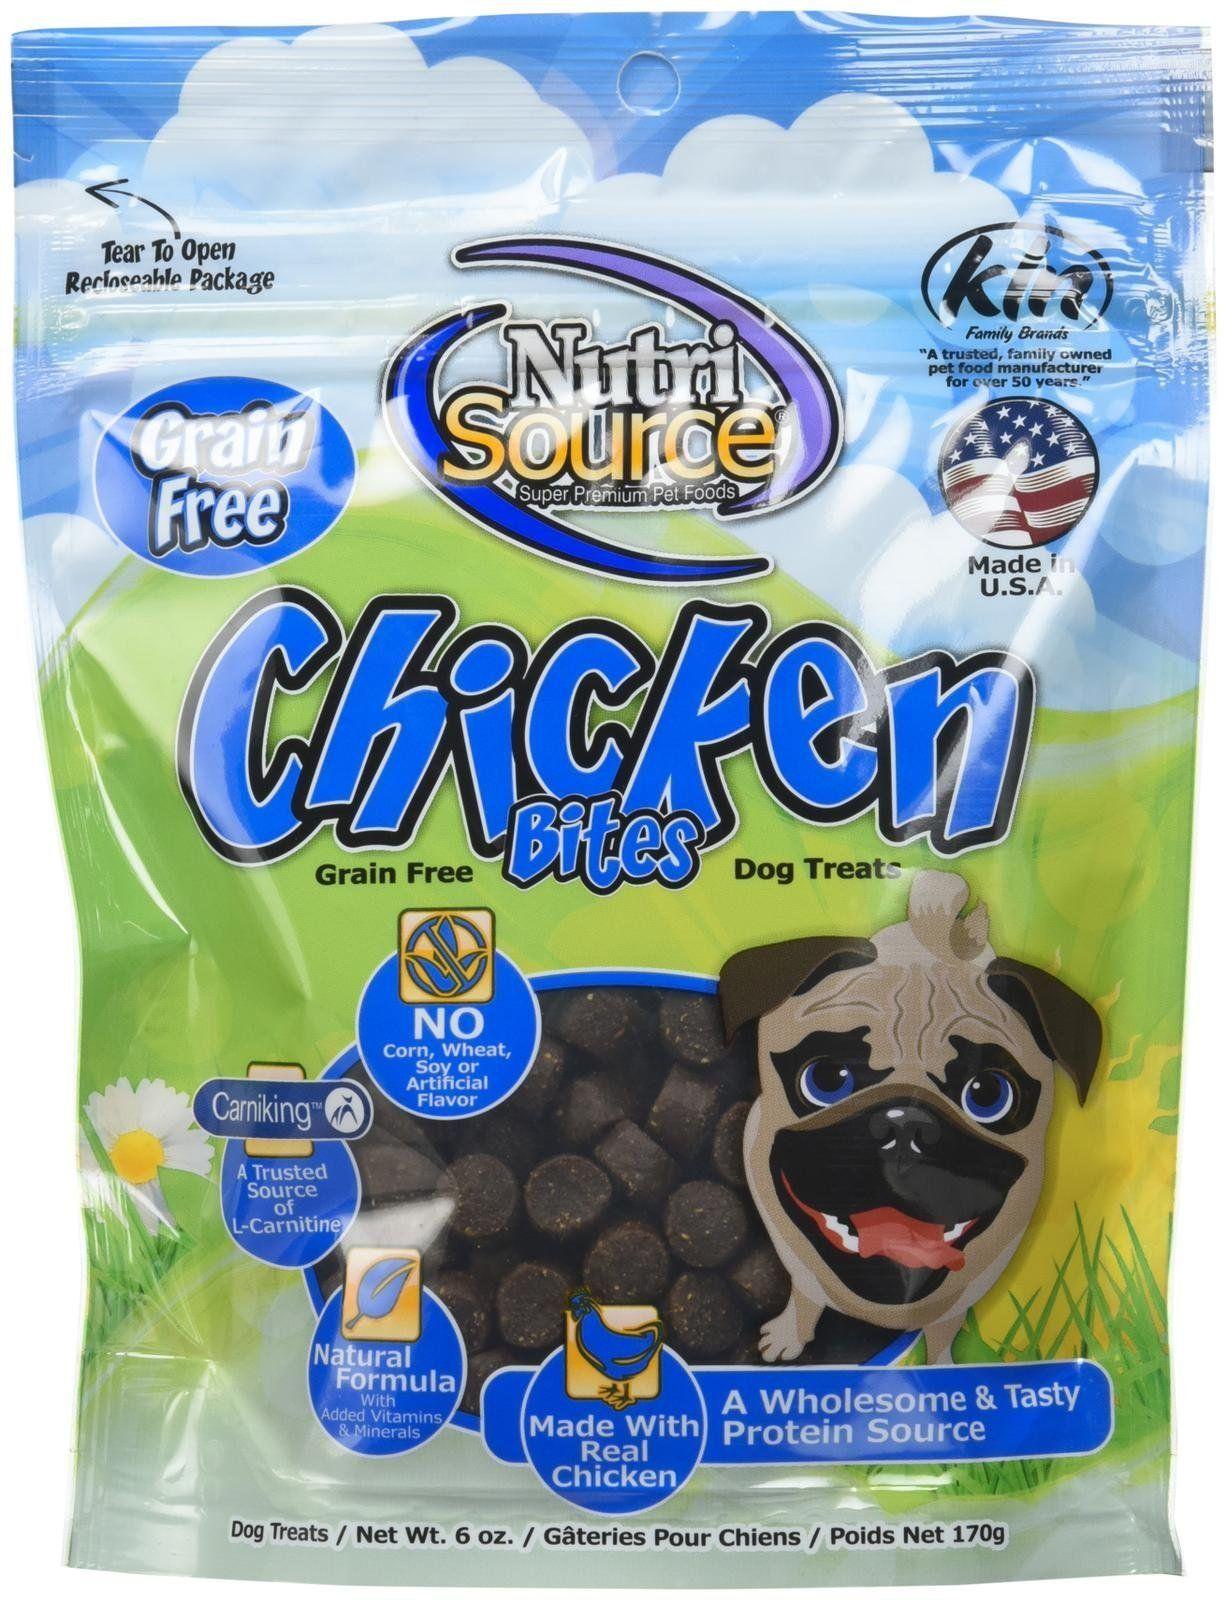 Pin on Dog Food and Snacks